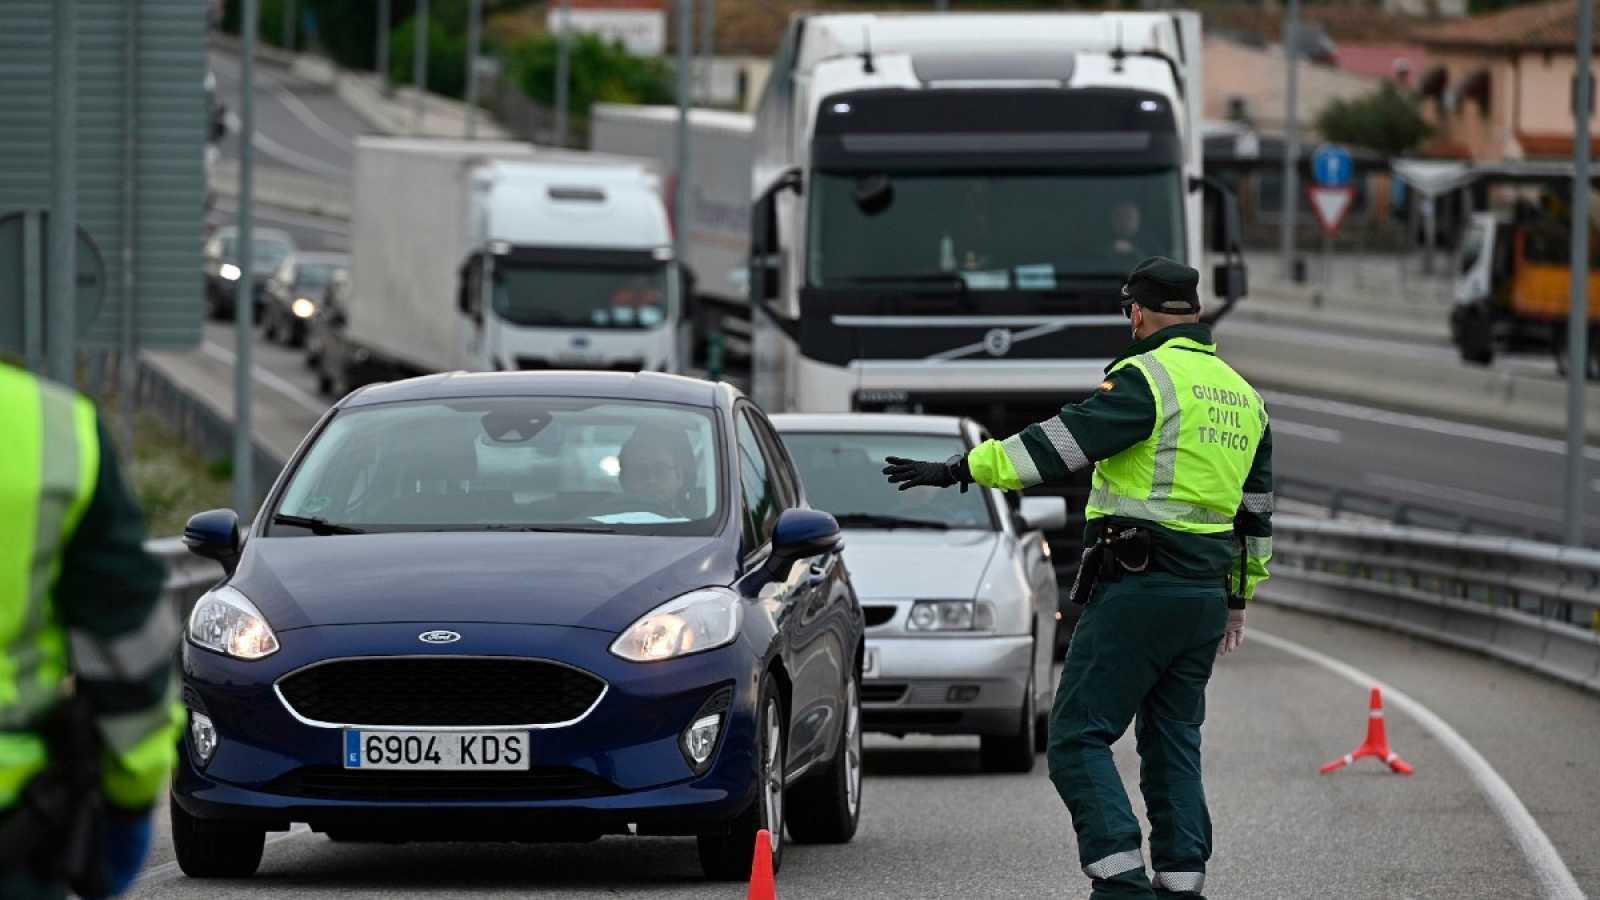 La Guardia Civil realiza un control en una carretera, en una imagen de archivo.